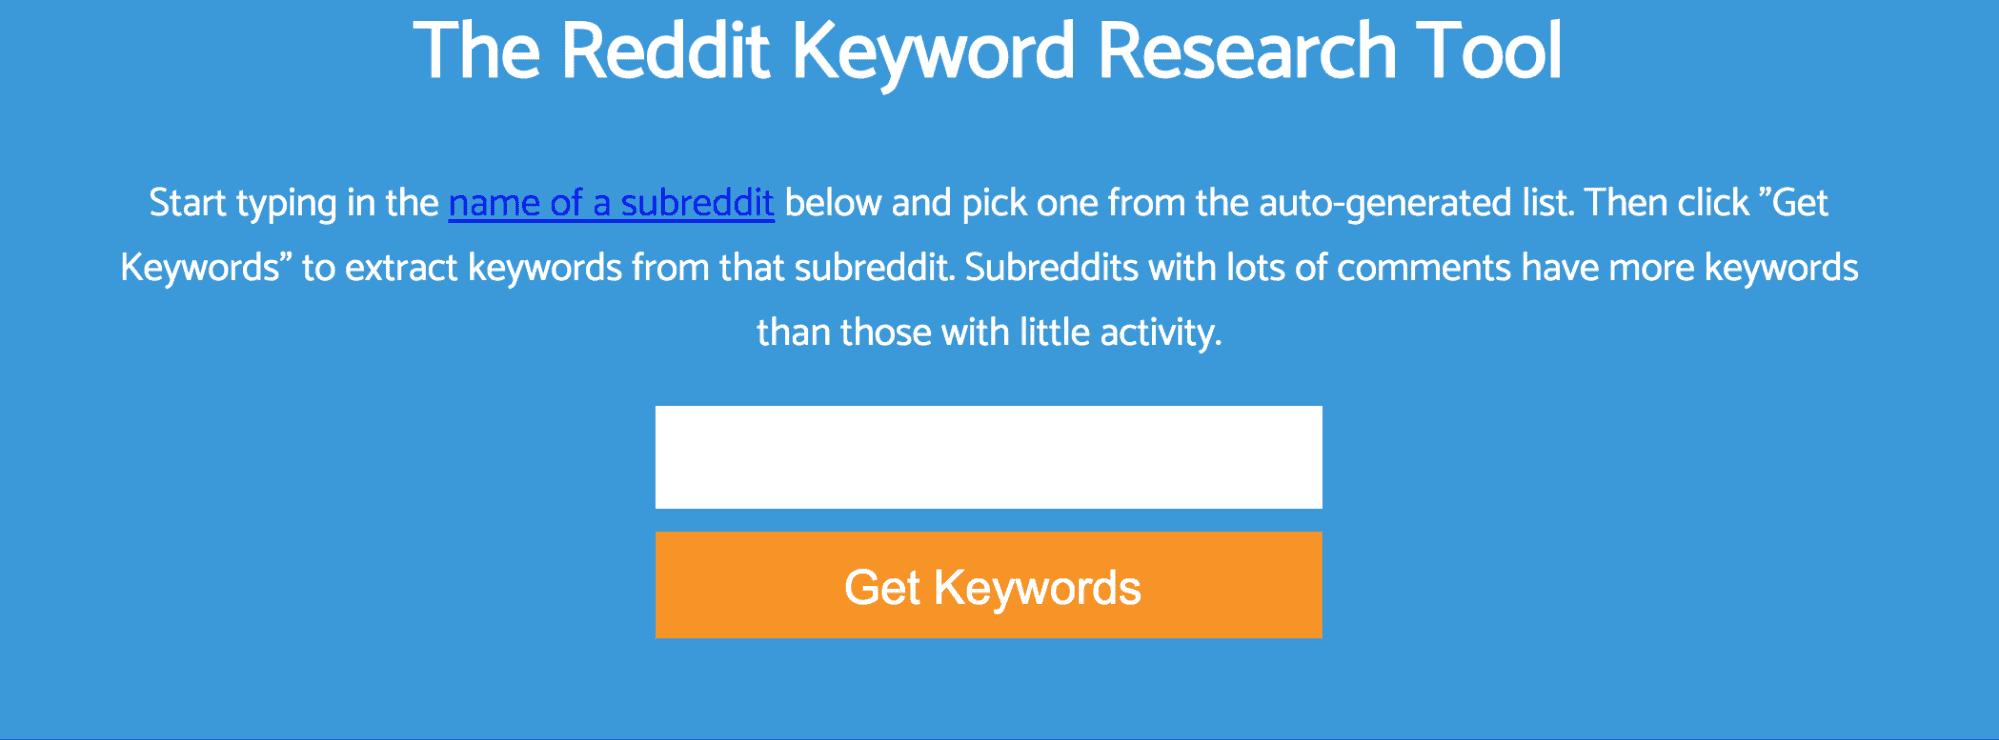 Keyworddit Landing Page Snippet